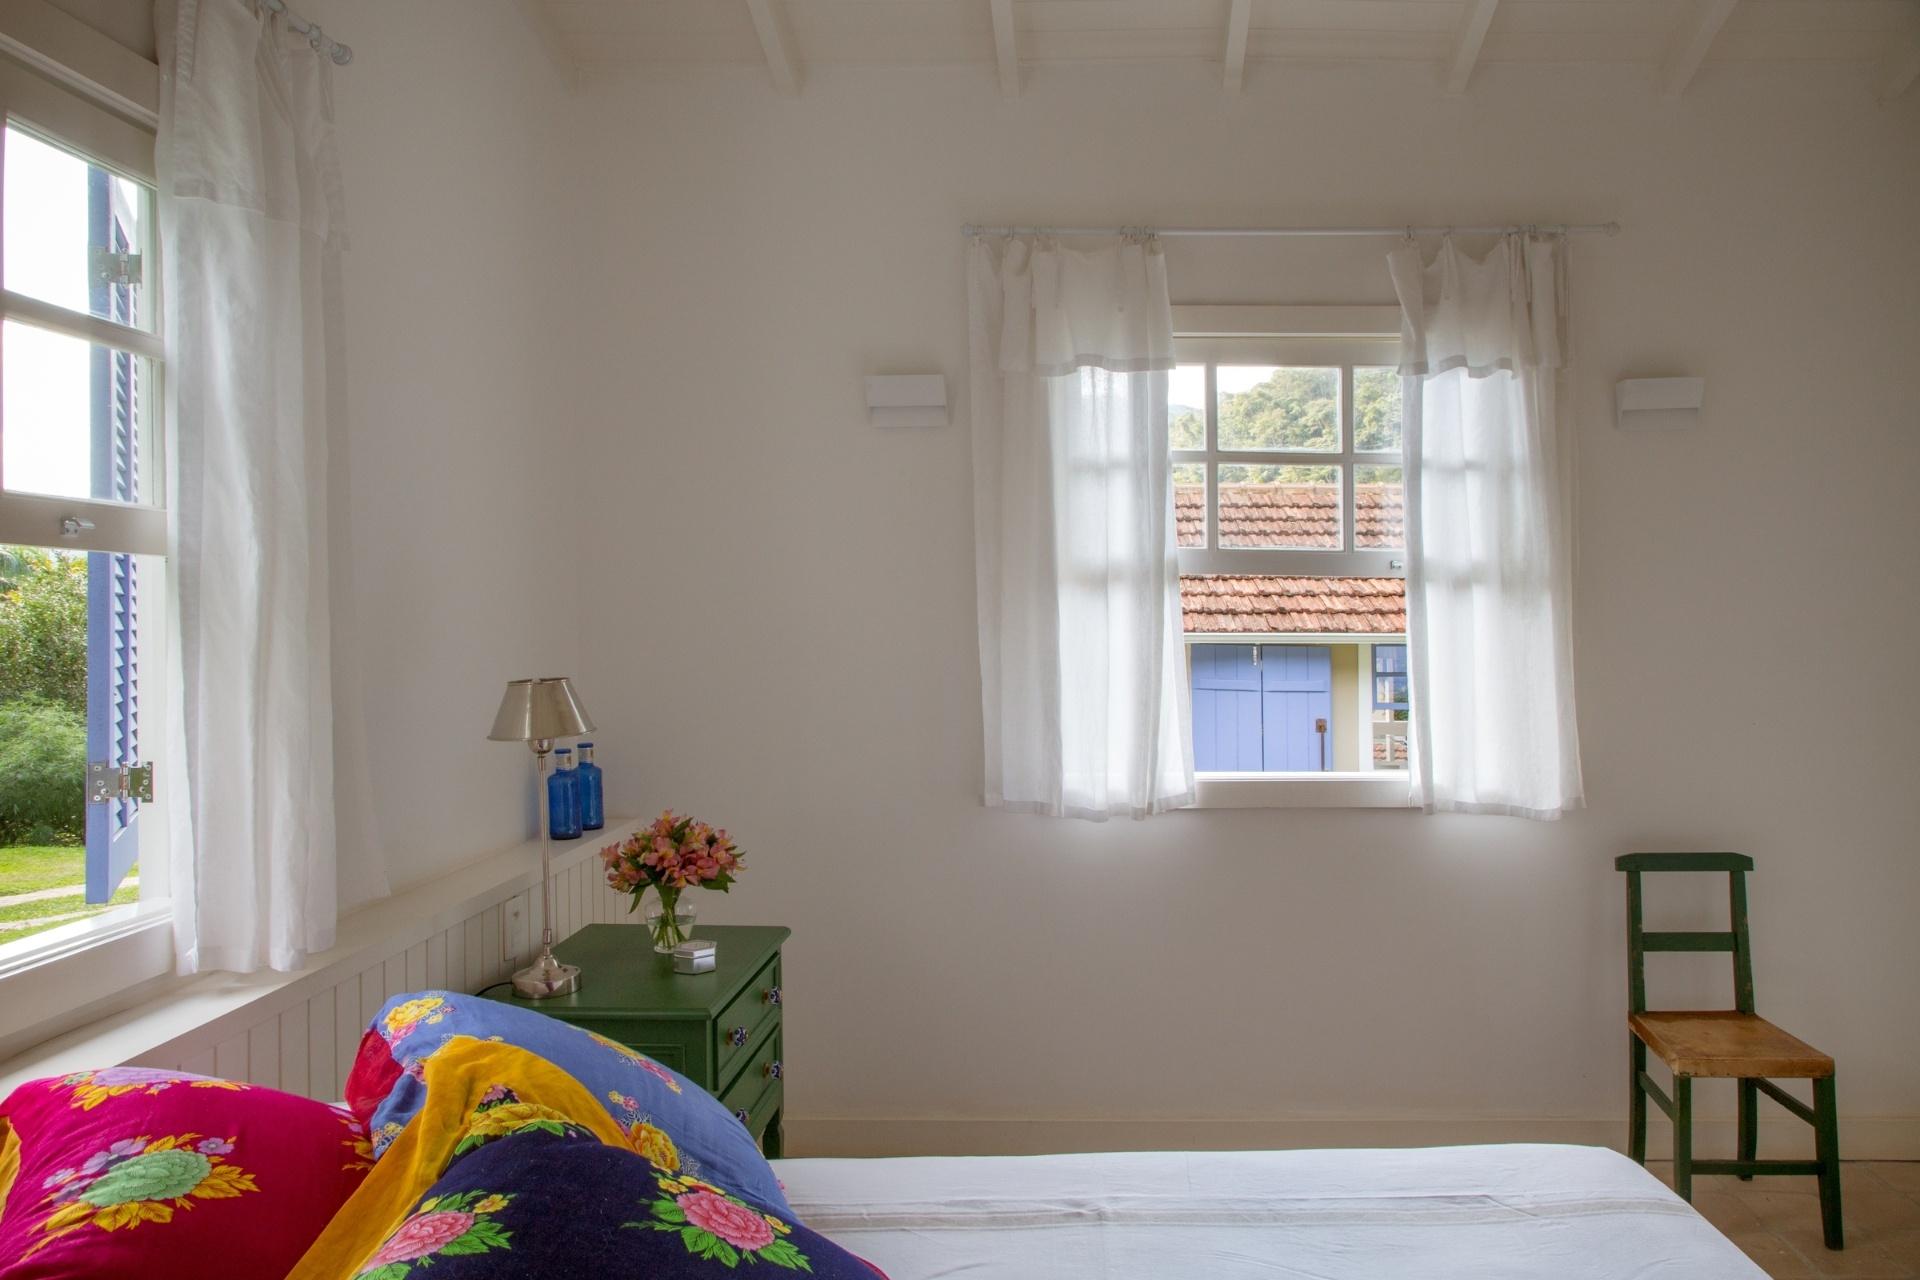 Quartos De Solteiro Sugest Es Para Decorar O Ambiente Bol Fotos  ~ Grafite Parede Quarto Com Quarto Moderno Solteiro